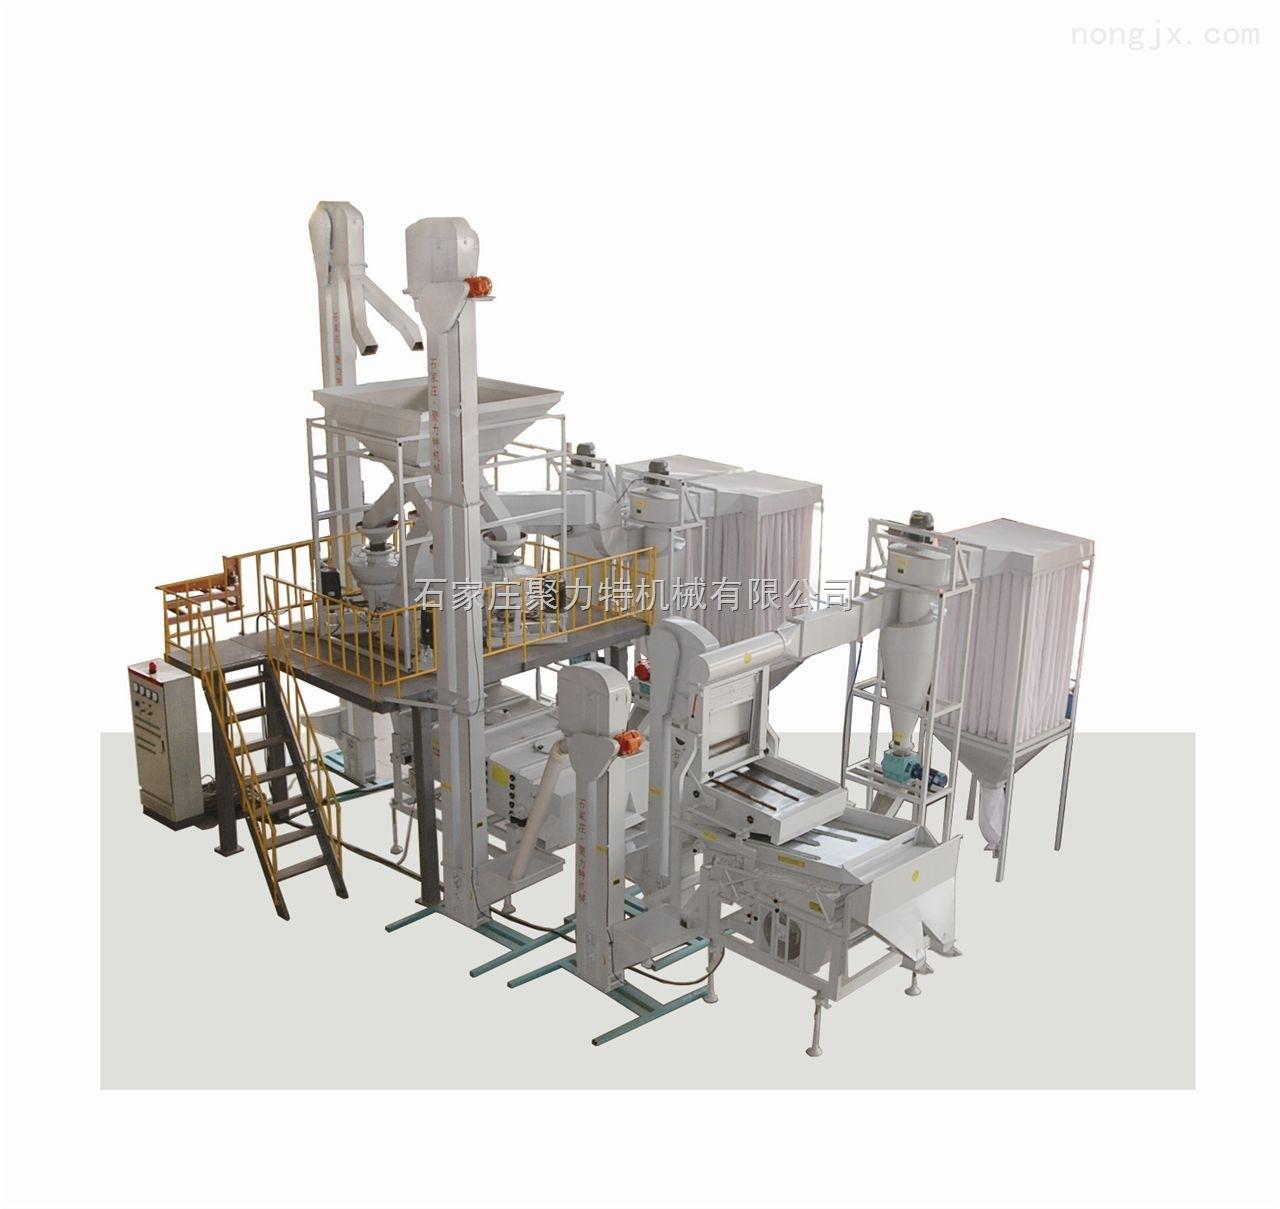 薏仁米生产加工设备